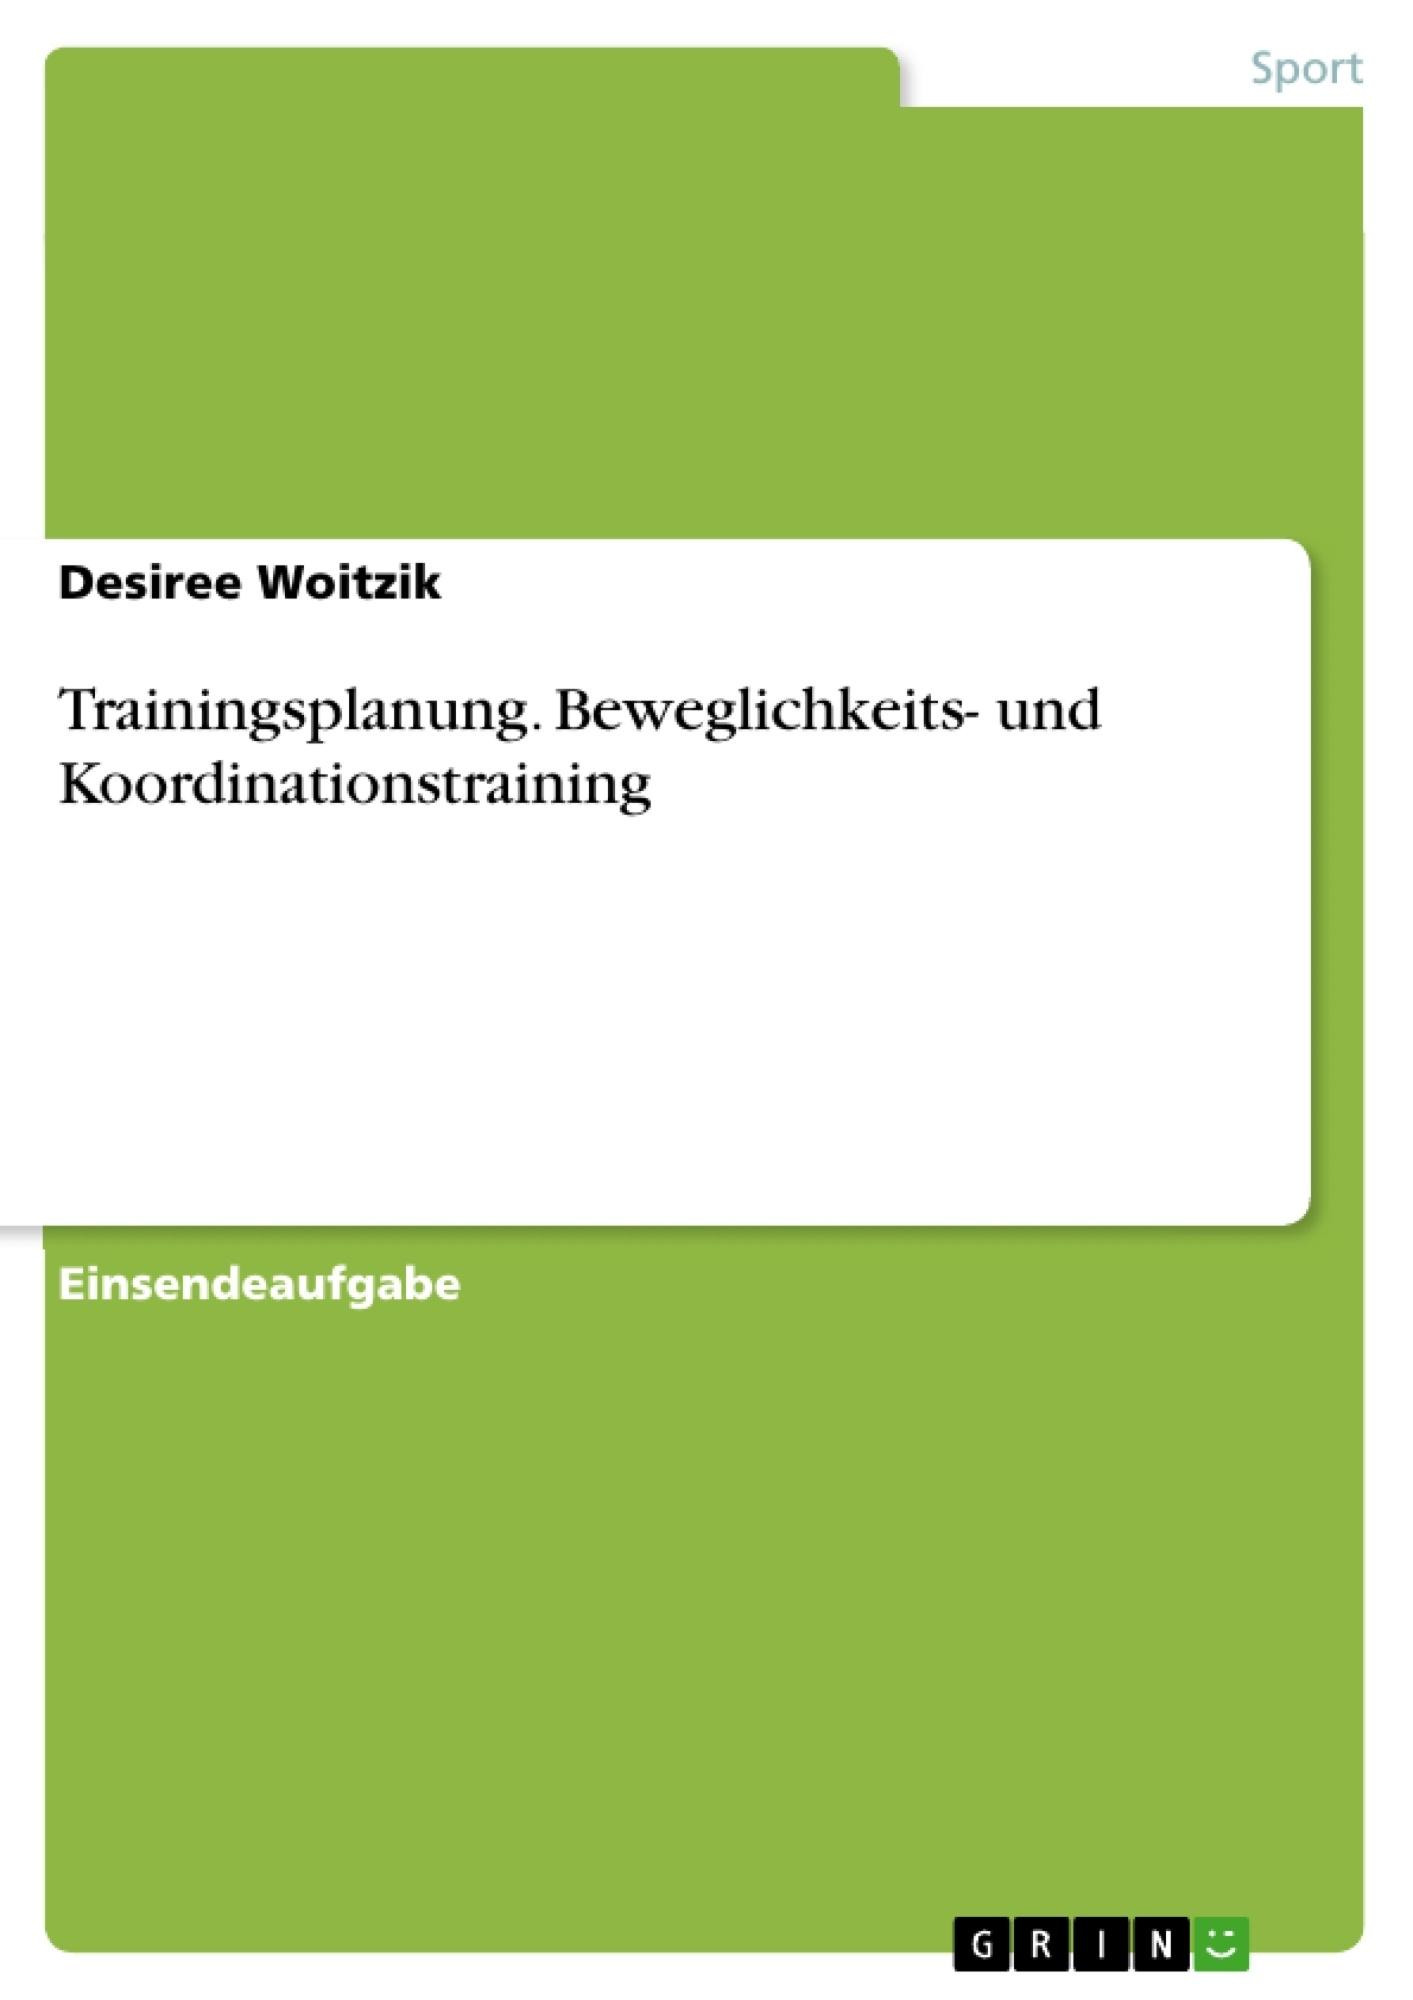 Titel: Trainingsplanung. Beweglichkeits- und Koordinationstraining